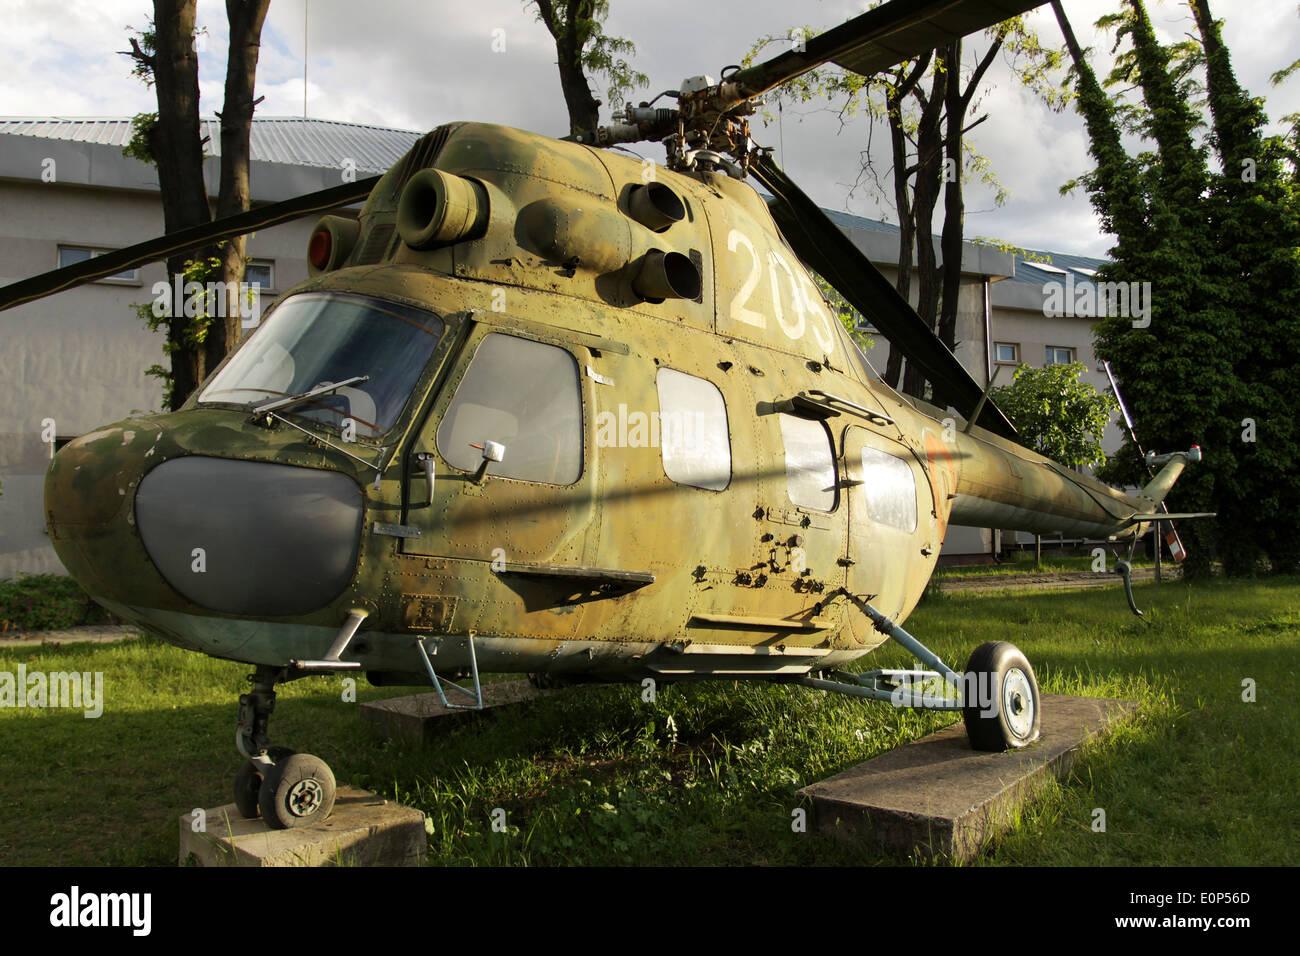 Helicóptero soviético de la época de la guerra fría Imagen De Stock